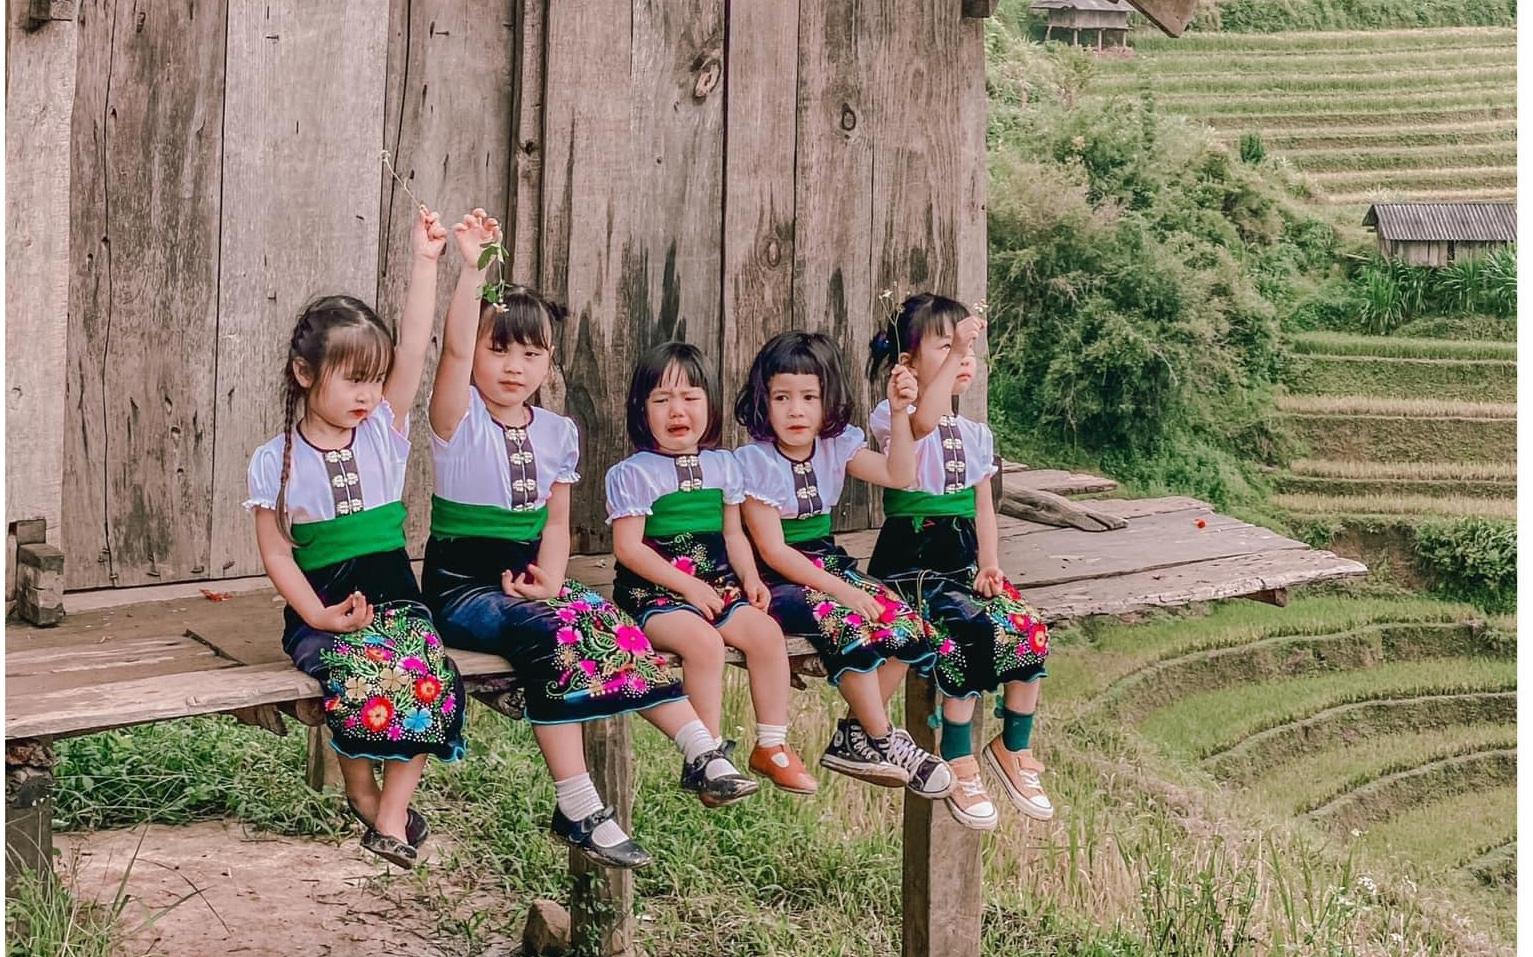 """5 bà mẹ chơi thân đưa 5 """"công chúa nhí"""" đi du lịch mà không cần trợ giúp của các bố, loạt ảnh đáng yêu của các bé khiến CĐM xuýt xoa"""